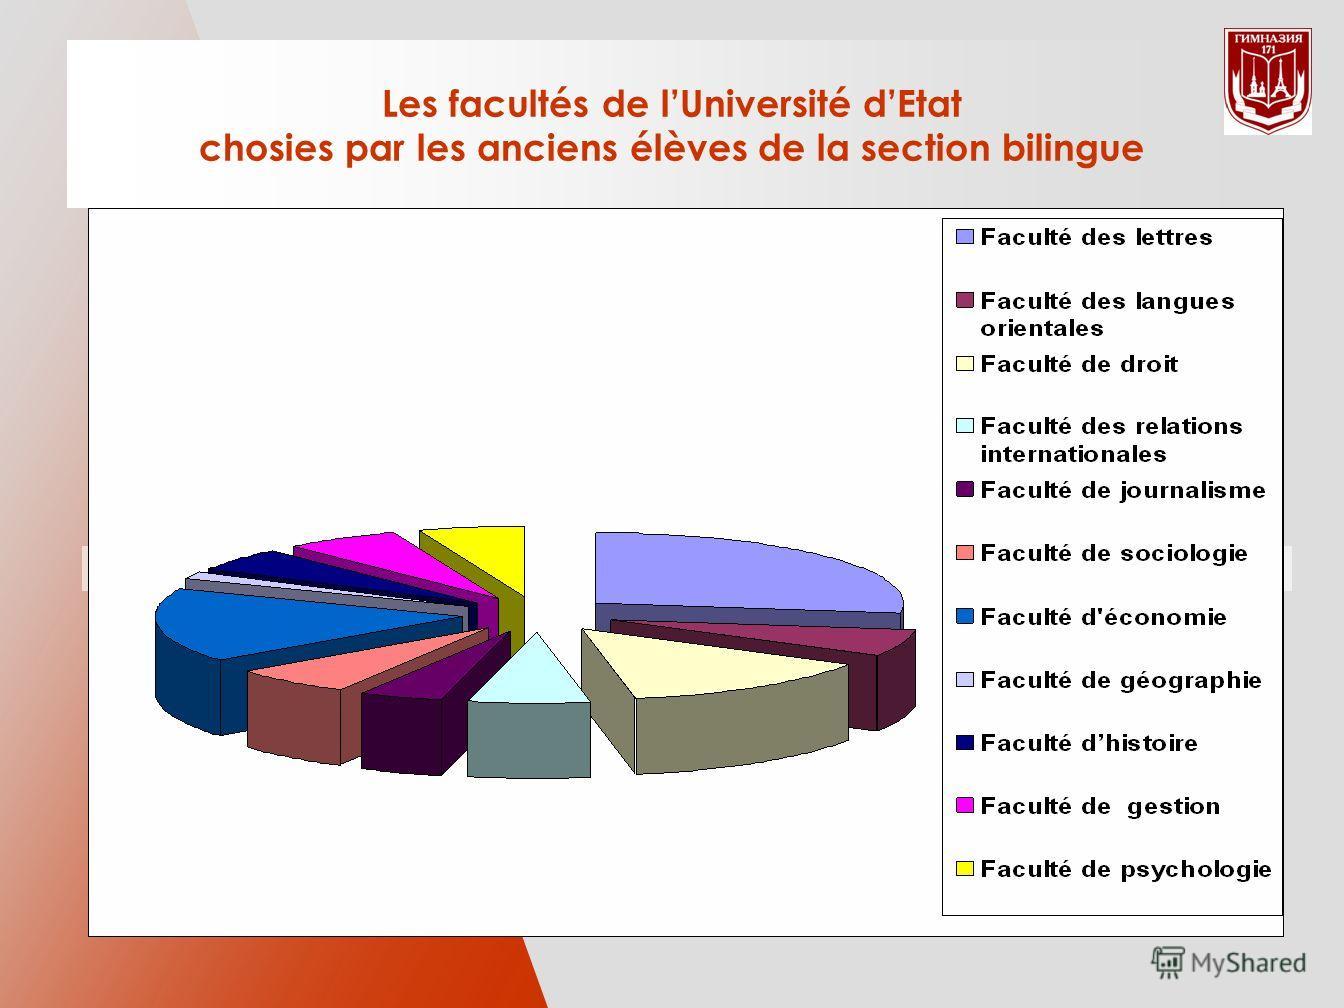 Les facultés de lUniversité dEtat chosies par les anciens élèves de la section bilingue